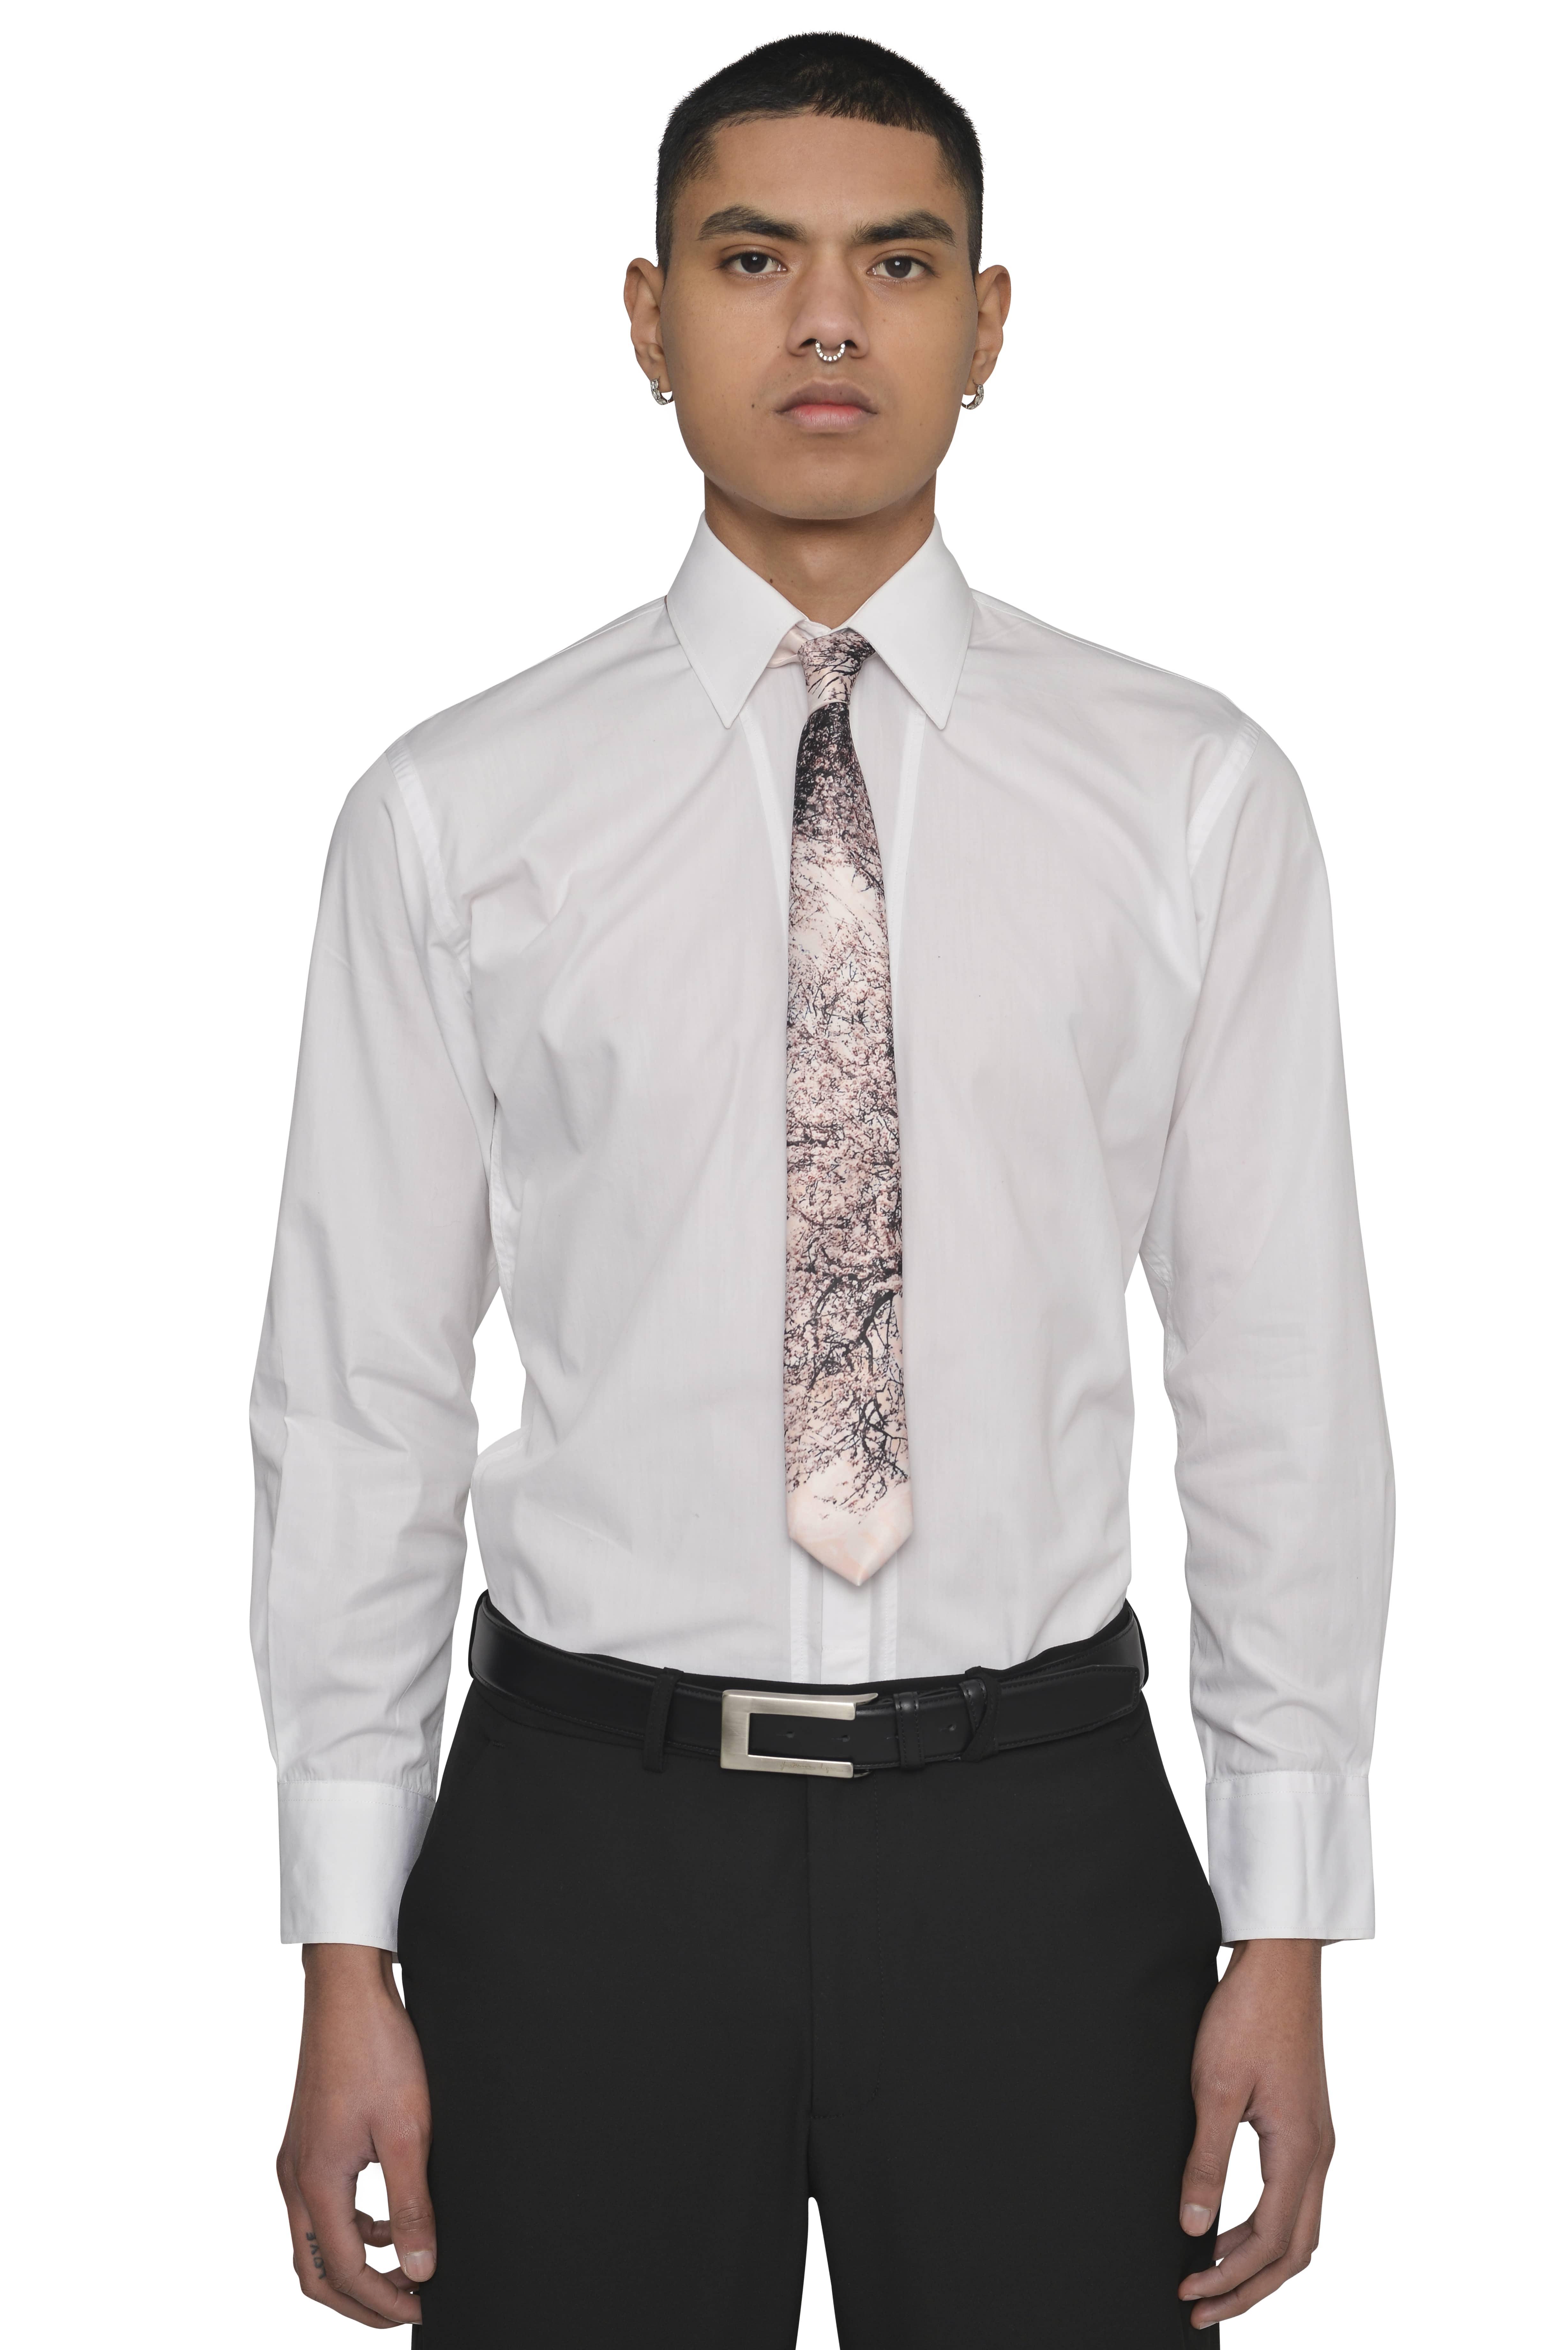 Tie CHAPIM 2